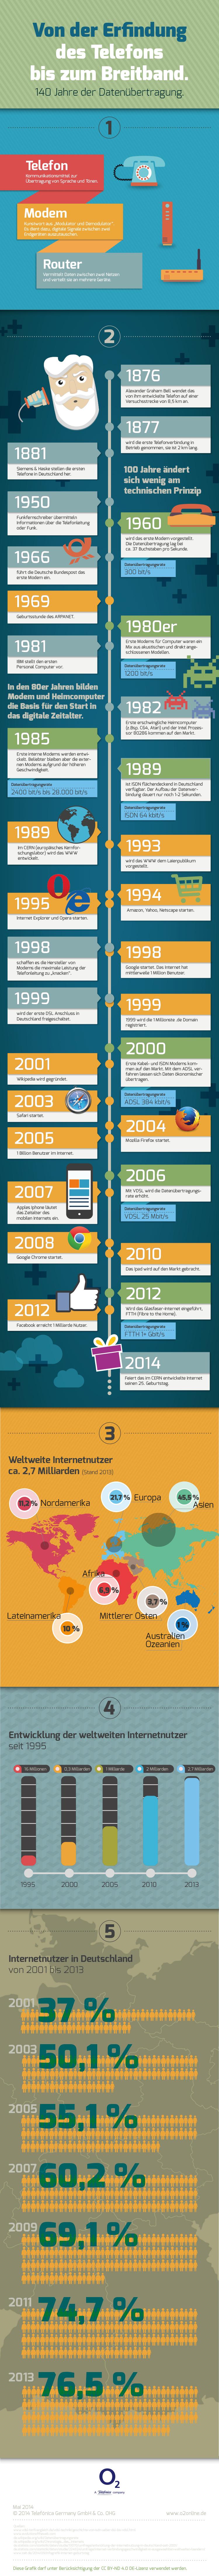 Infografik: O2 Routerevolution